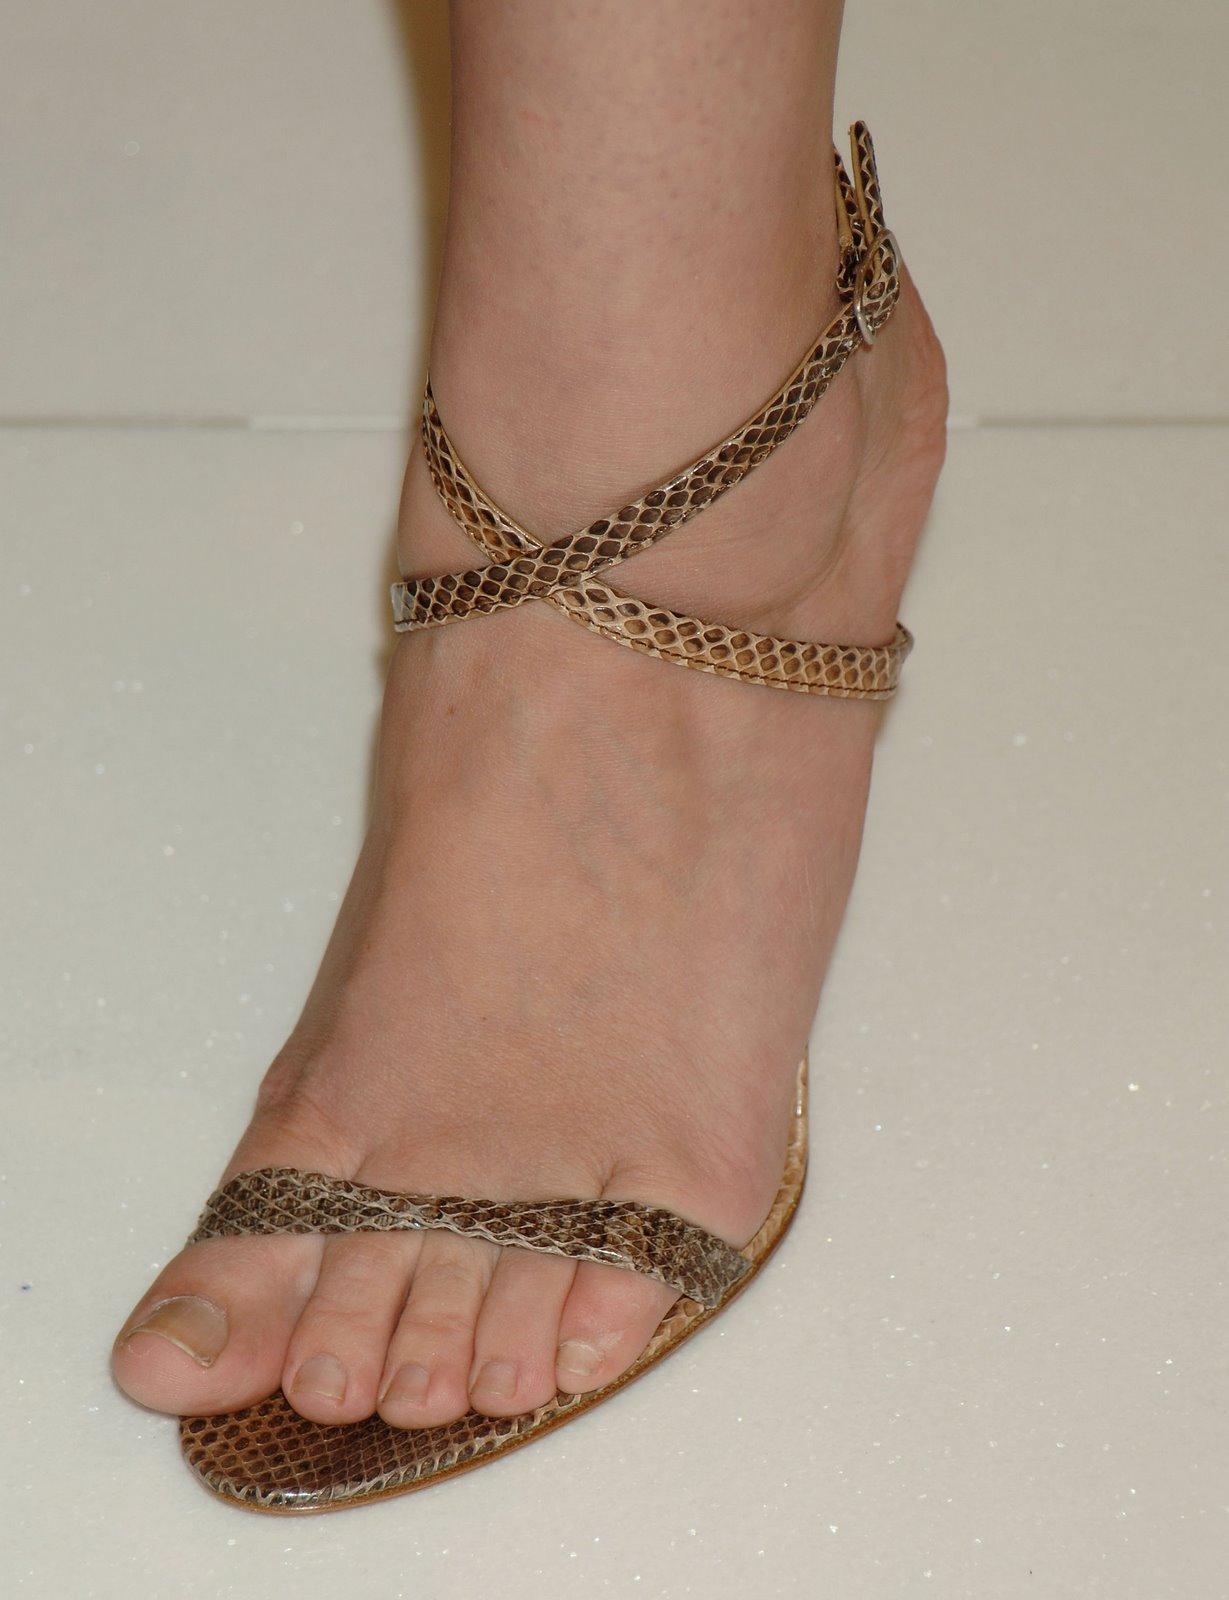 Debra Messing Feet